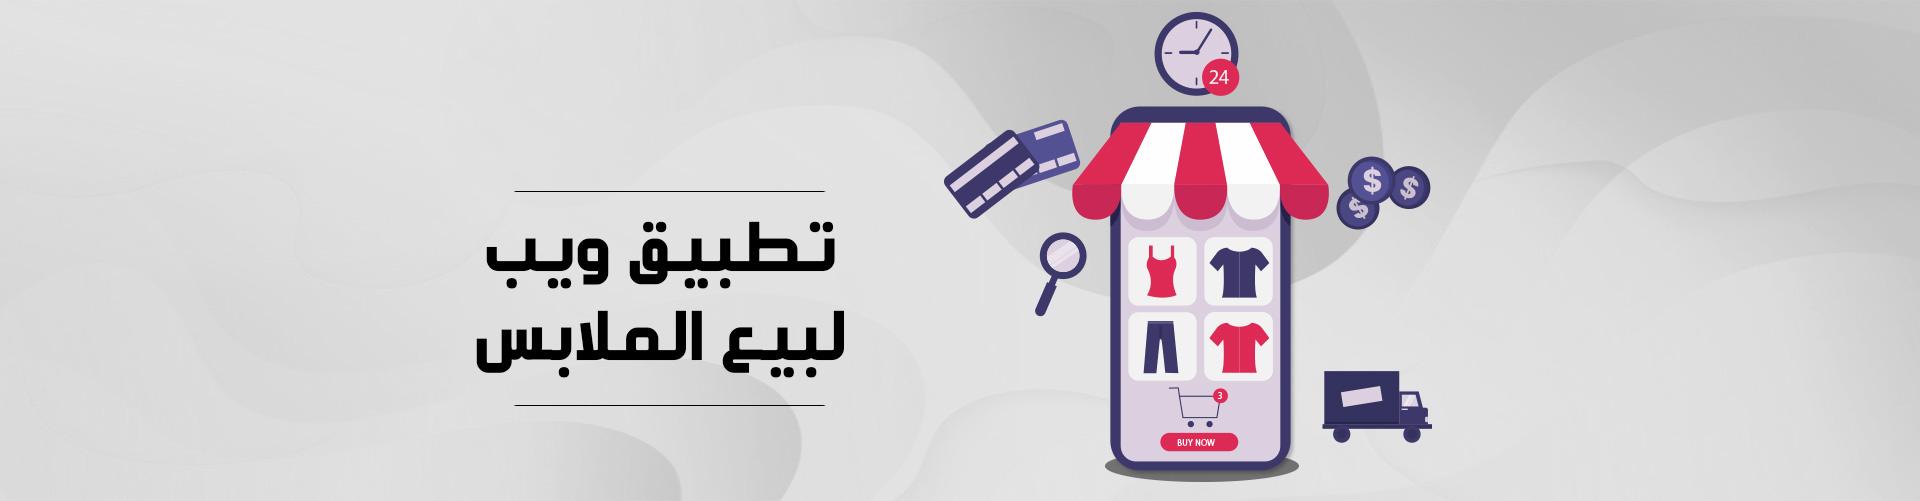 تطبيق ويب لبيع الملابس